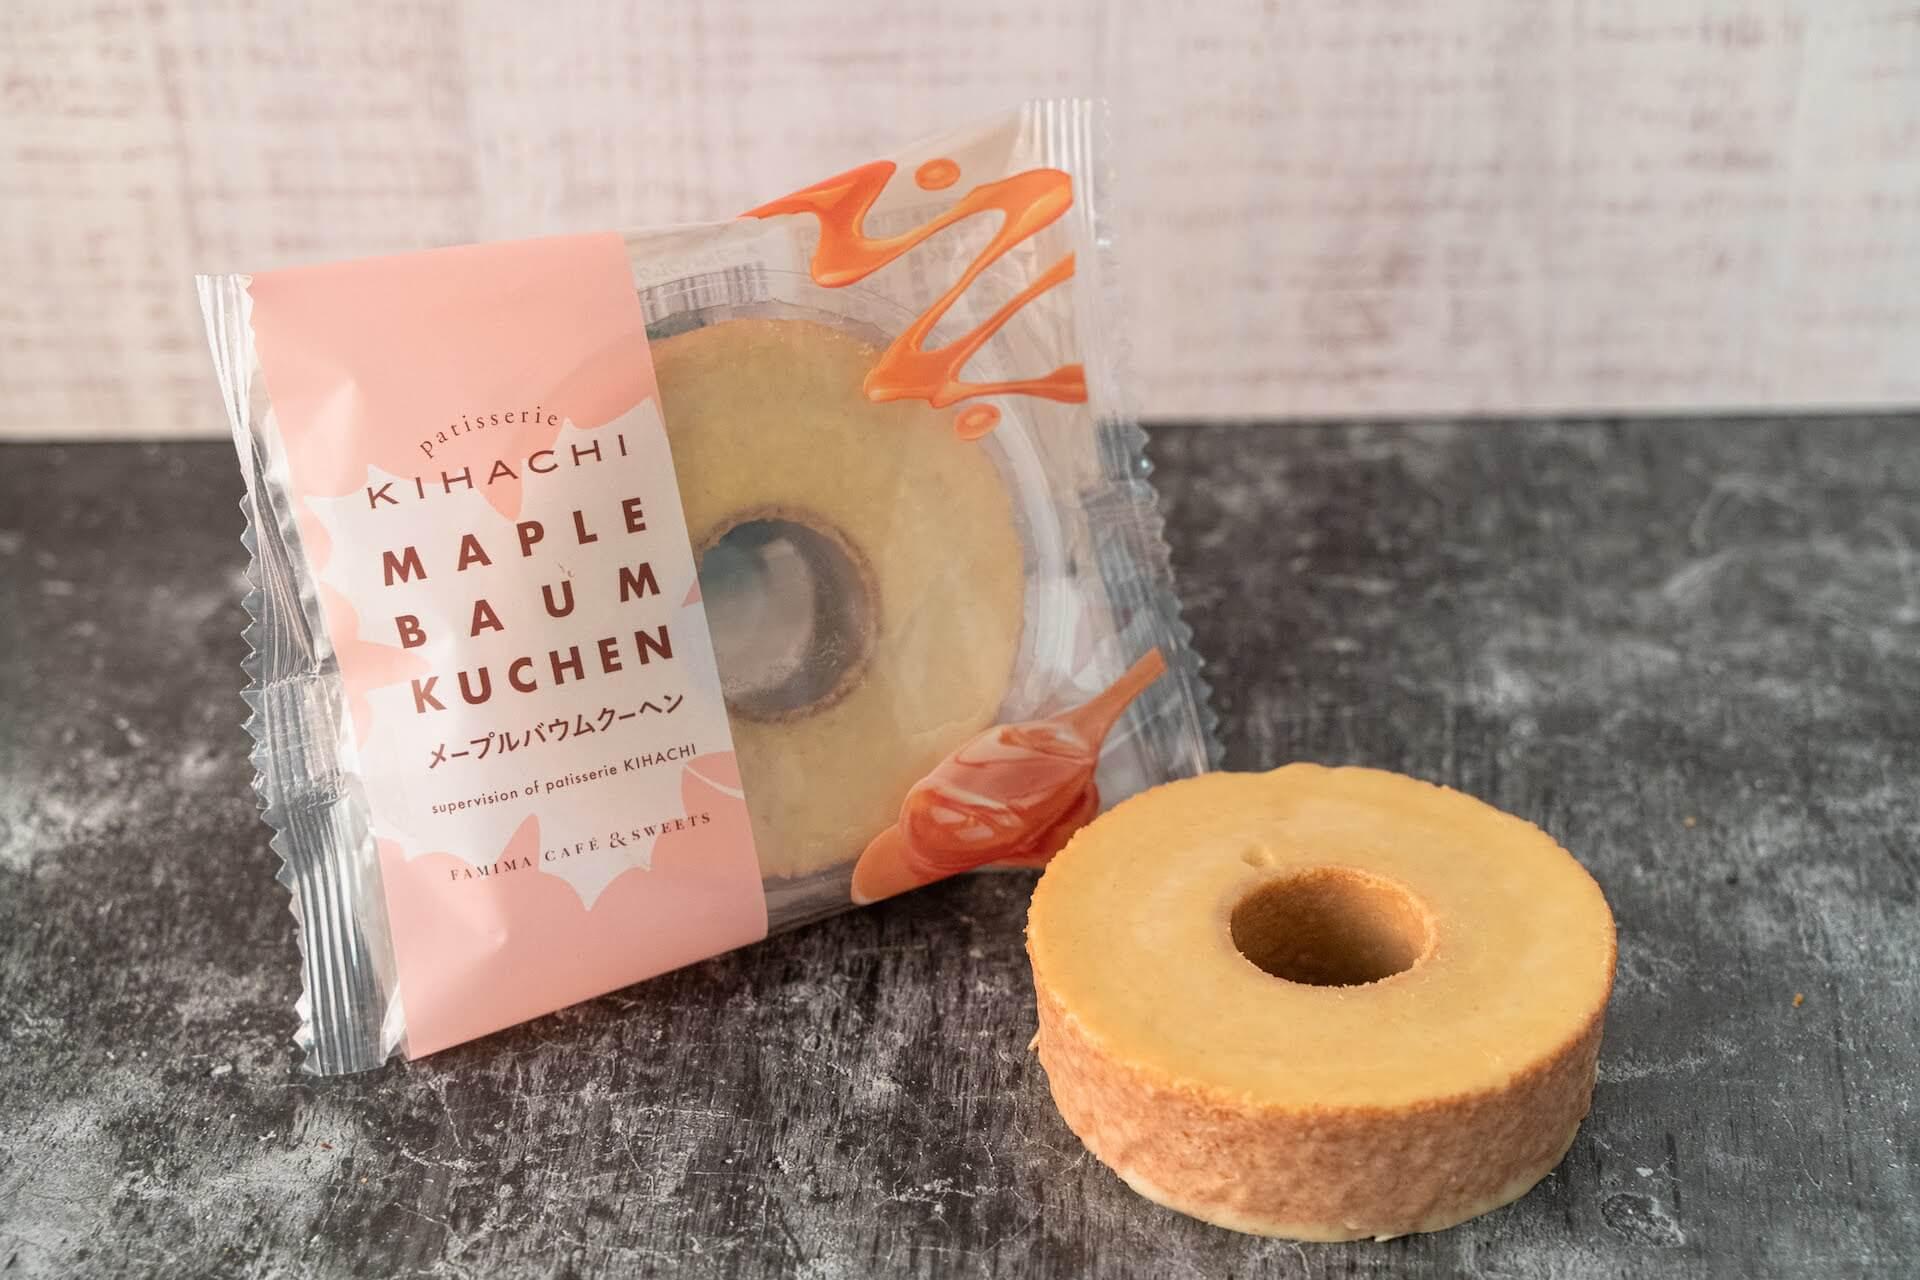 ファミリーマートにてpatisserie KIHACHI監修の焼き菓子5種類が新登場!メープルたっぷりの「メープルバウムクーヘン」など5種類 gourmet210319_familymart_bake_2